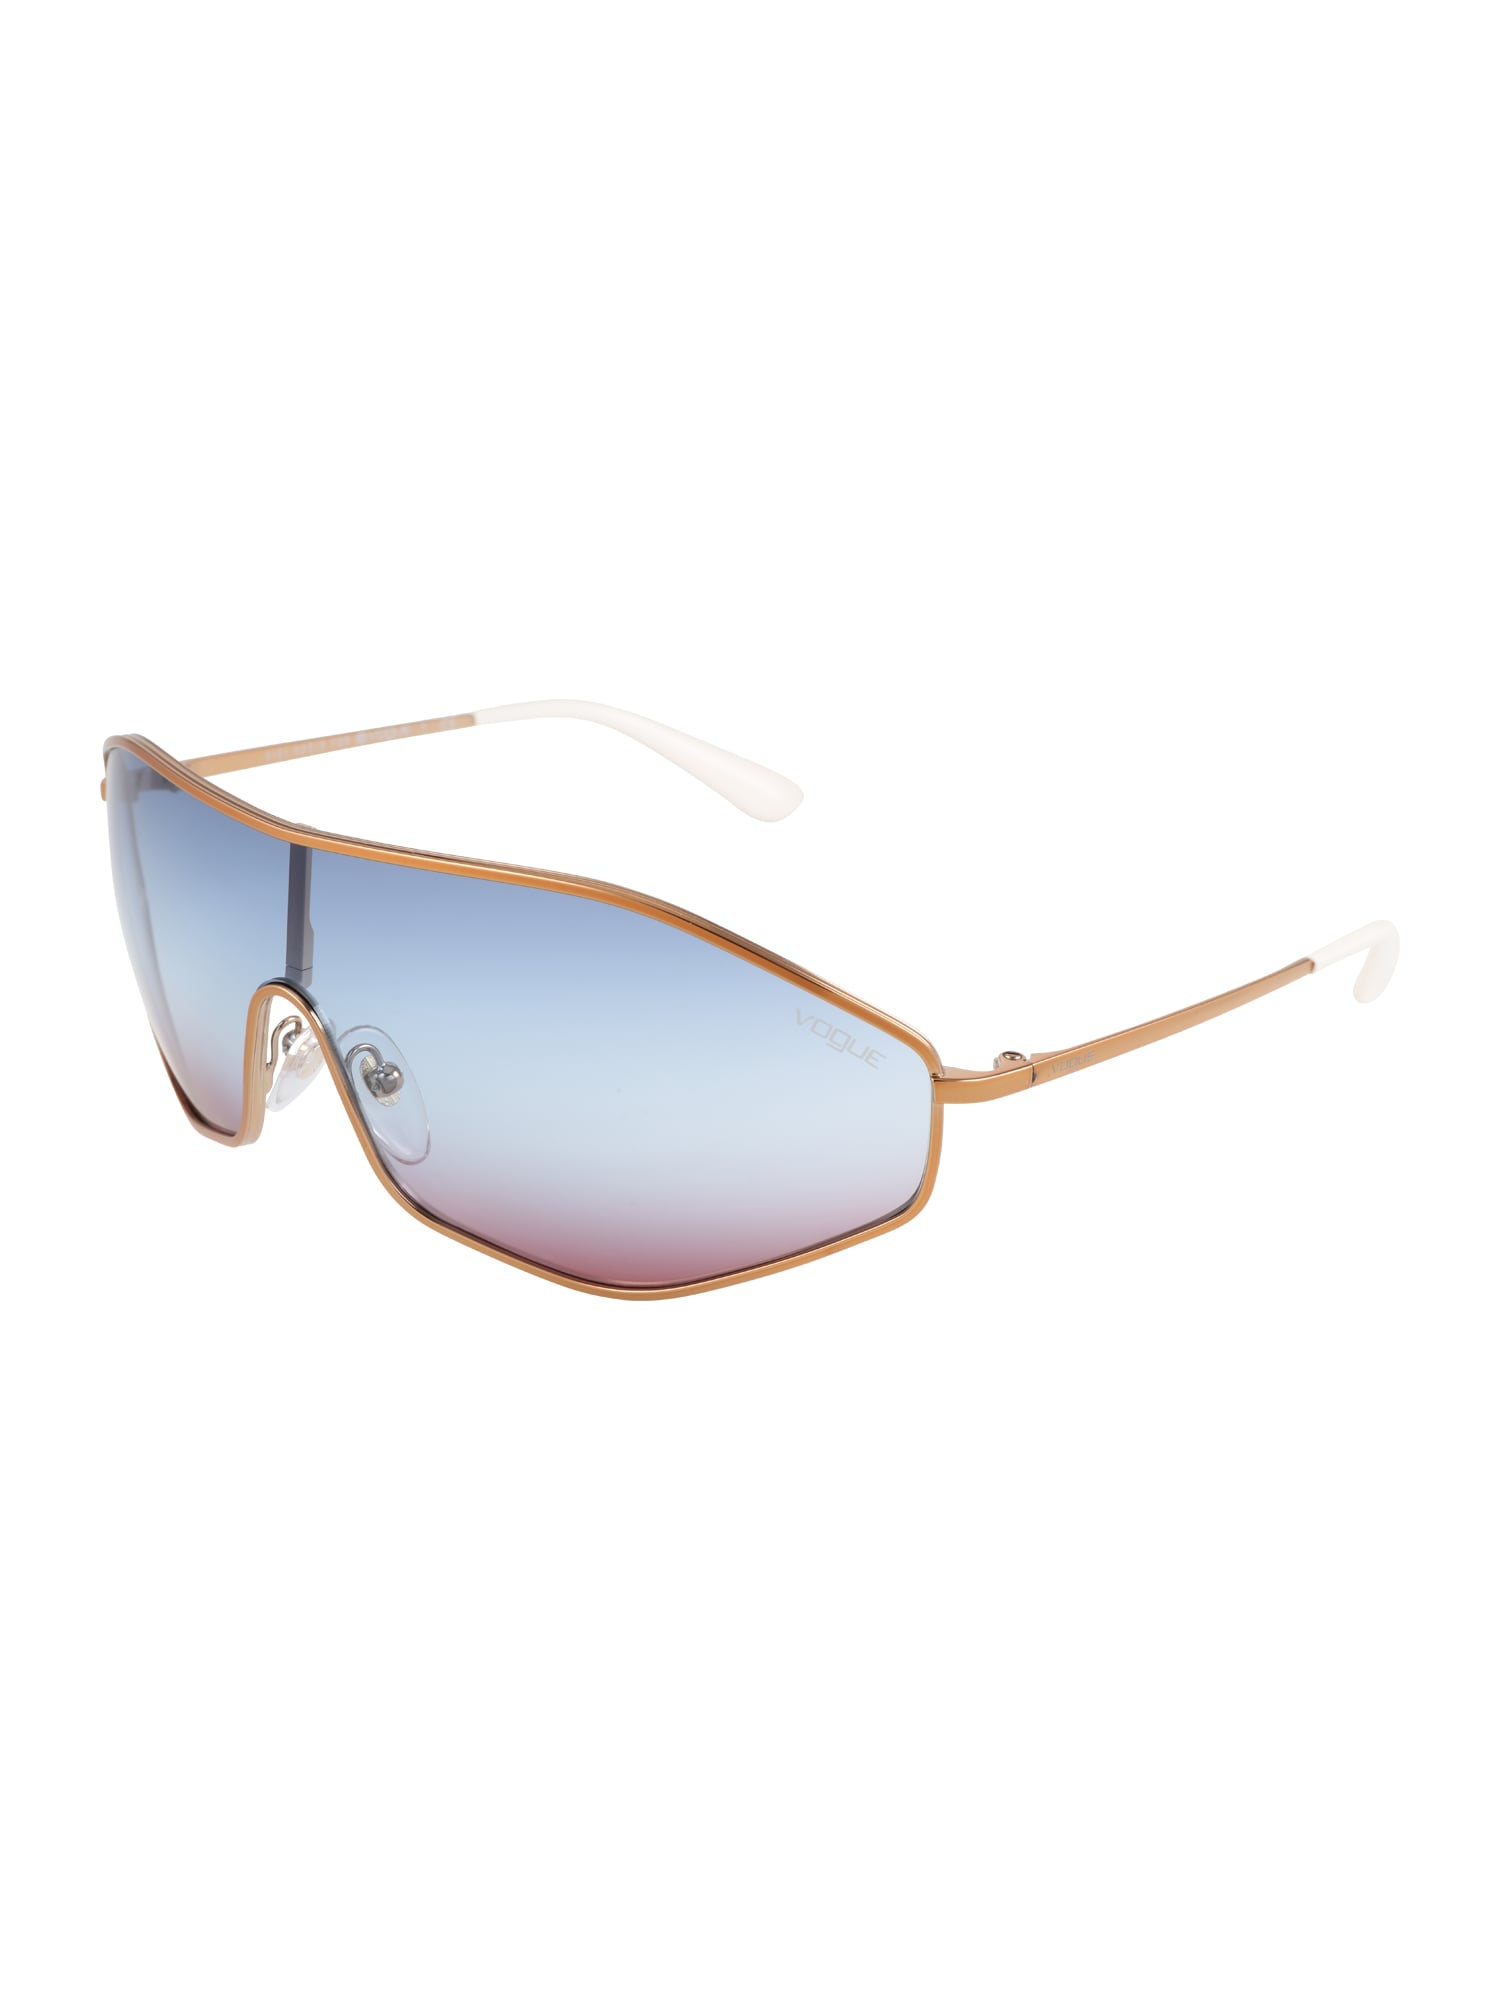 Sluneční brýle G-VISION růžově zlatá VOGUE Eyewear